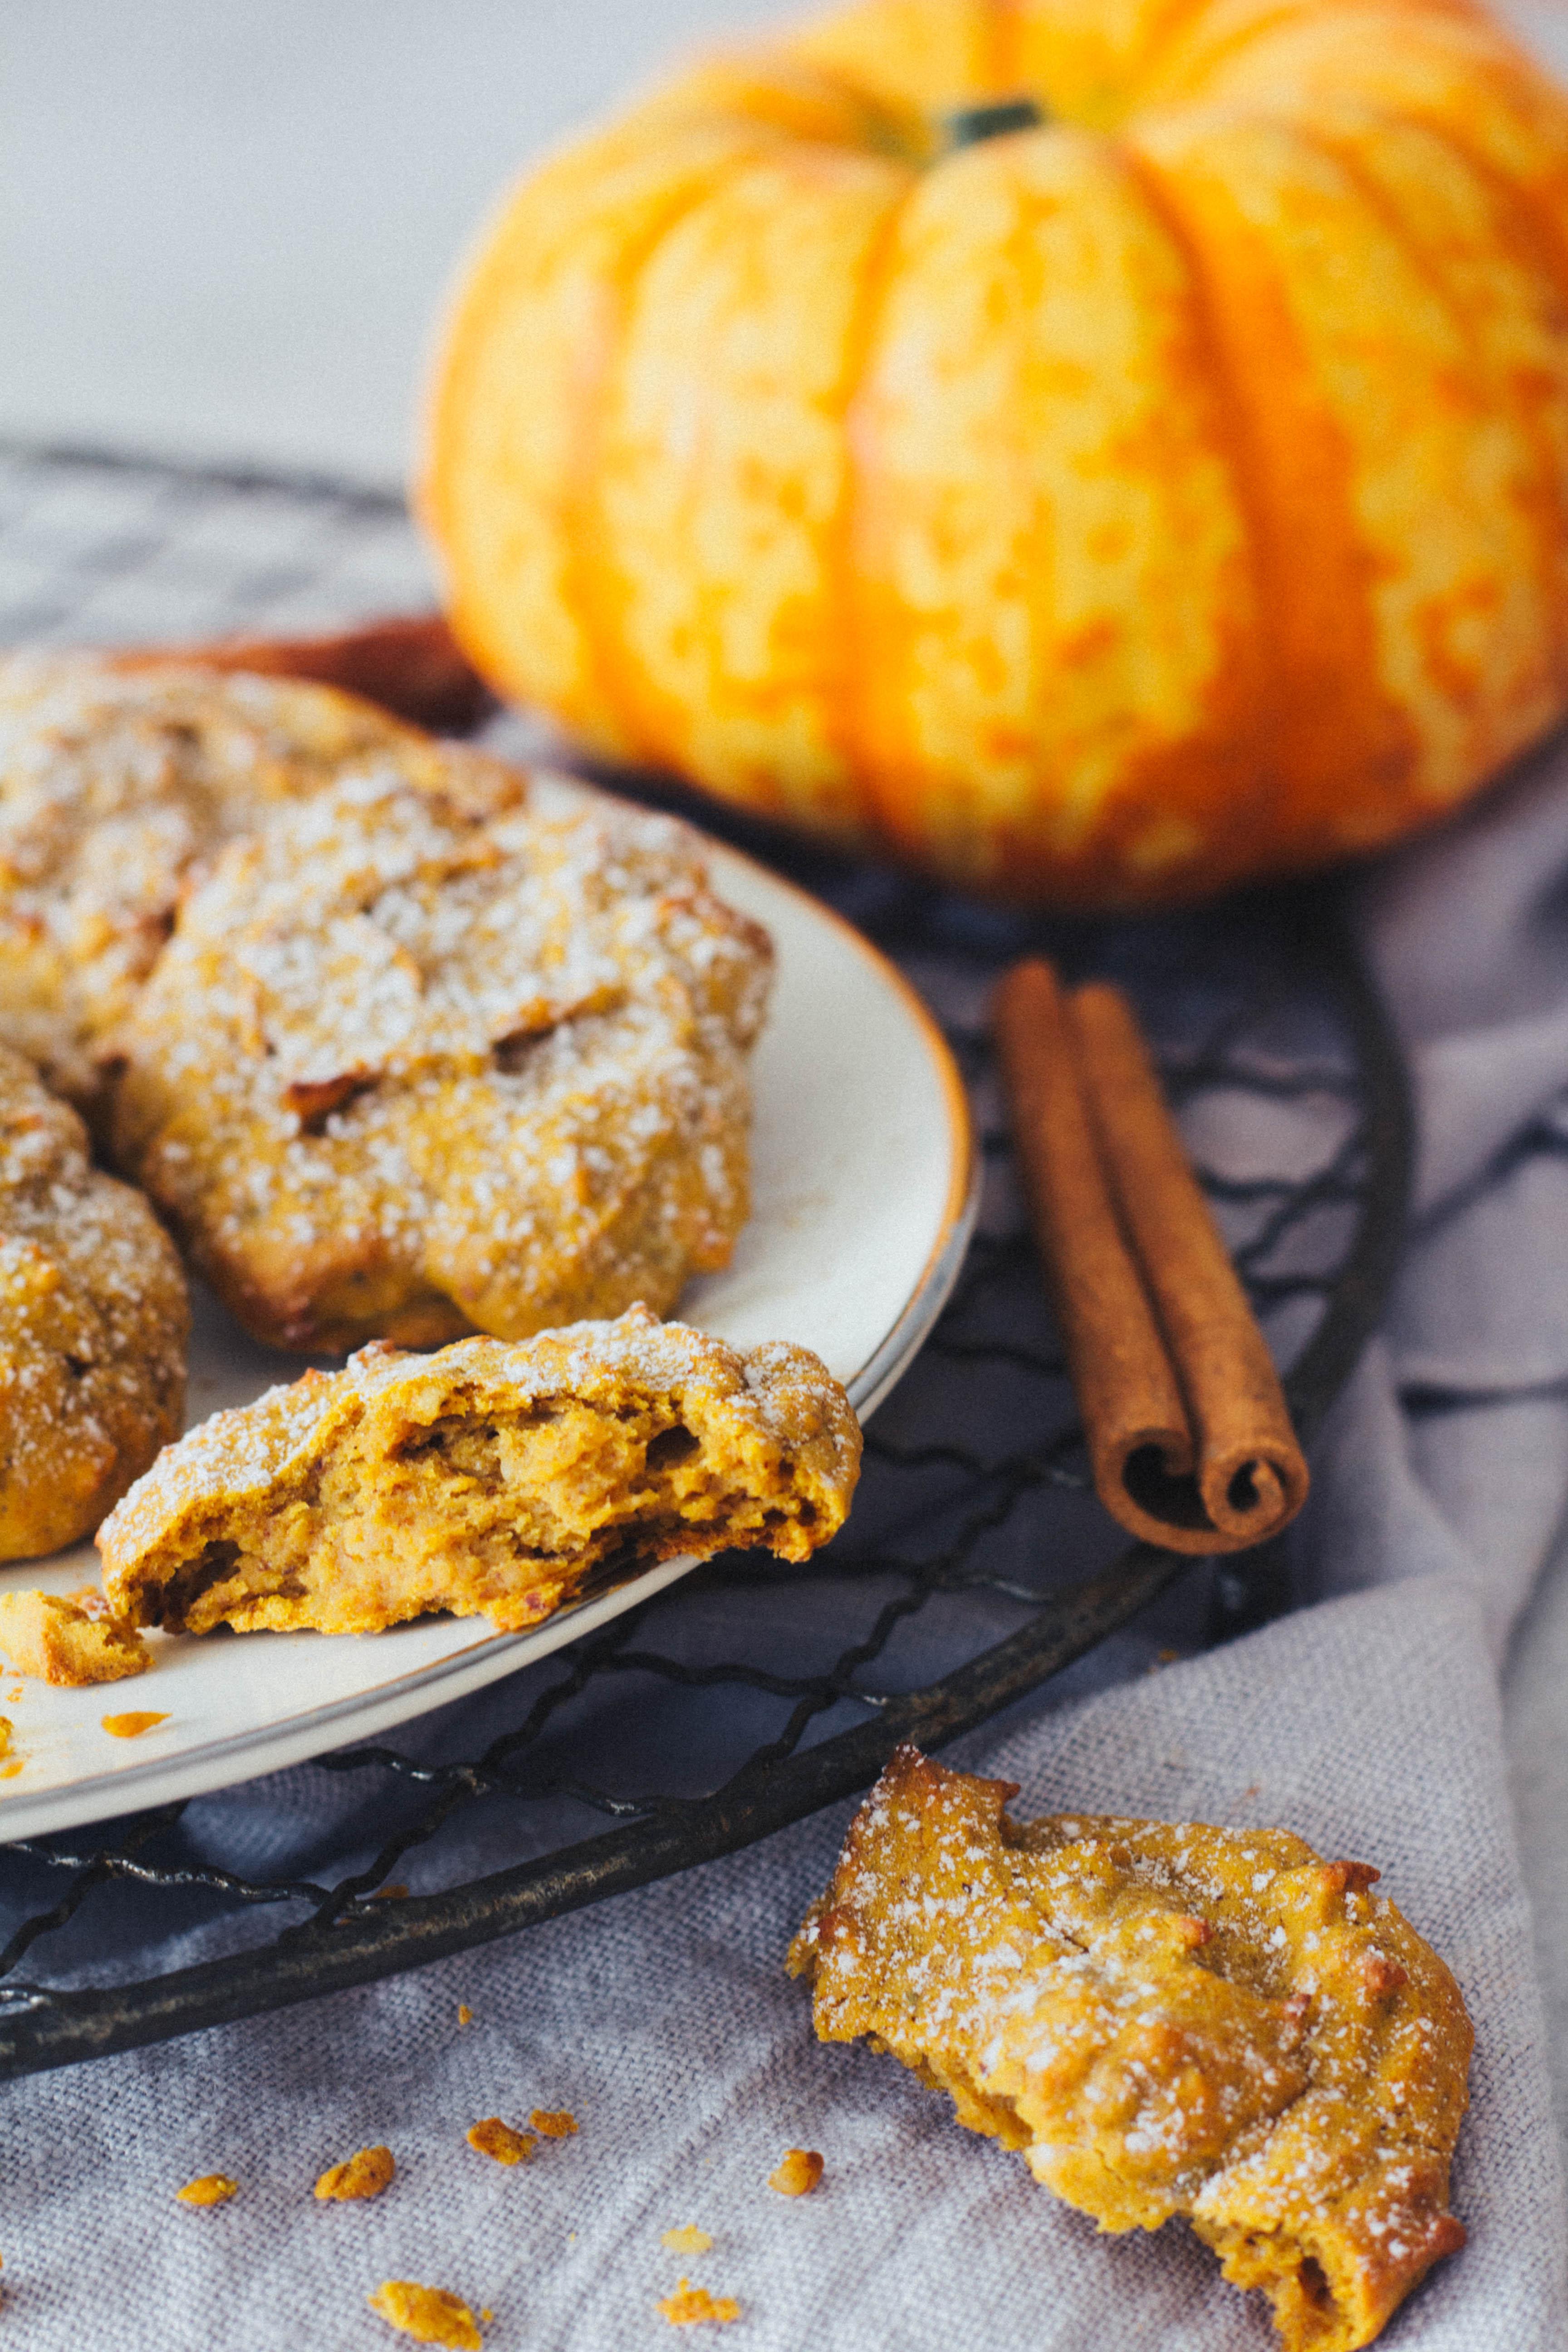 Leckere Kekse mit Kürbis. Ein gesunder und schnell zubereiteter Snack für unterwegs. Lieblingszwei.de